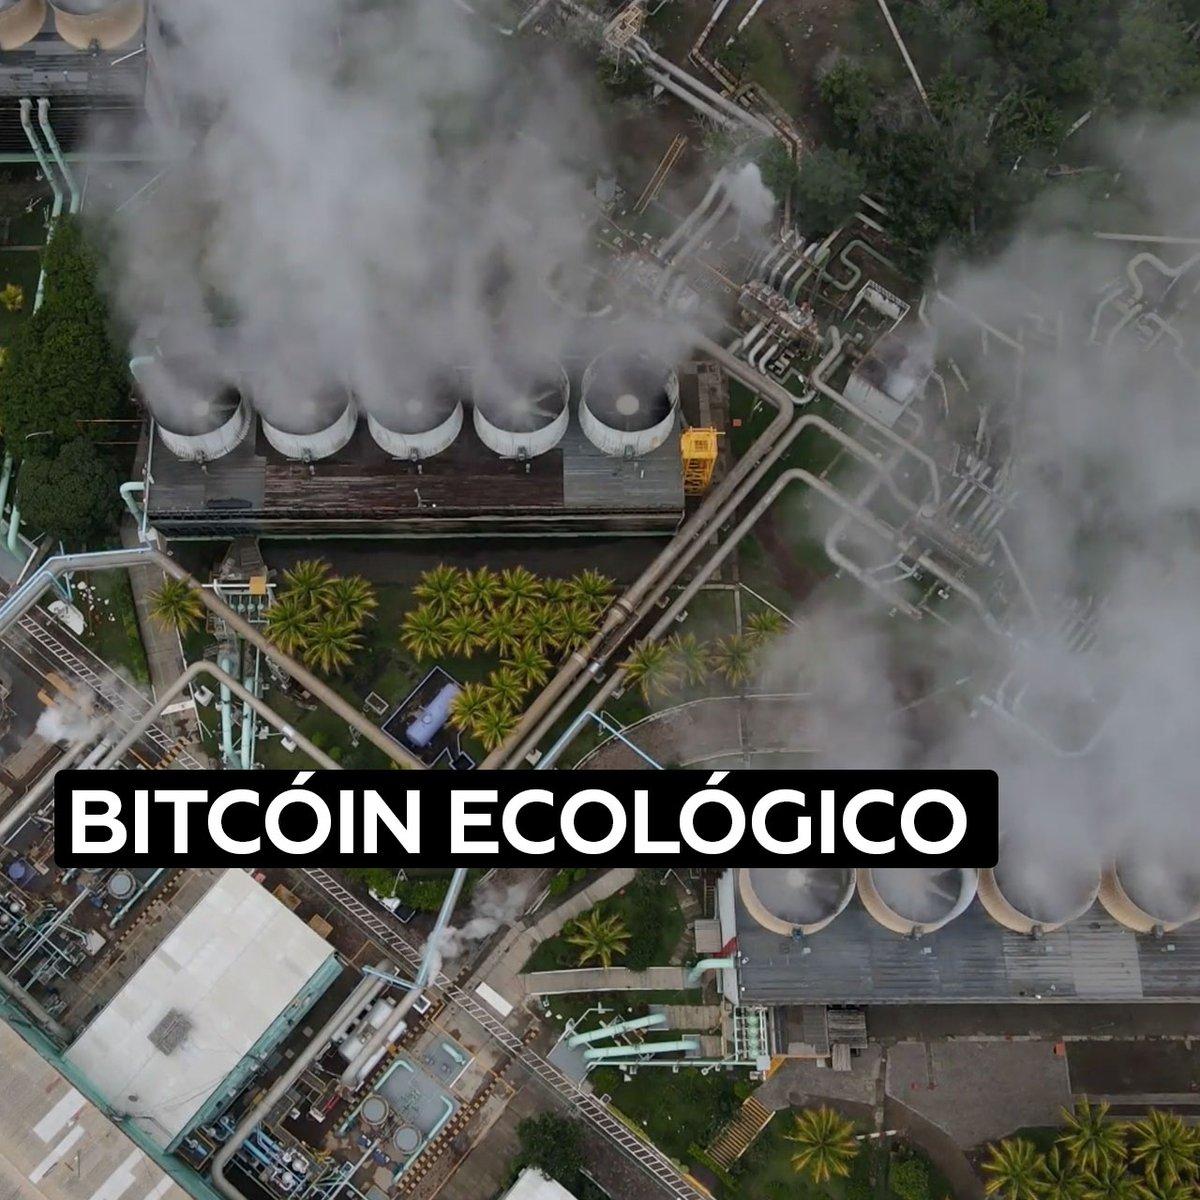 El Salvador comenzará a usar energía verde para minar bitcoines a través del calor de los volcanes https://t.co/SrtJBXm2eN